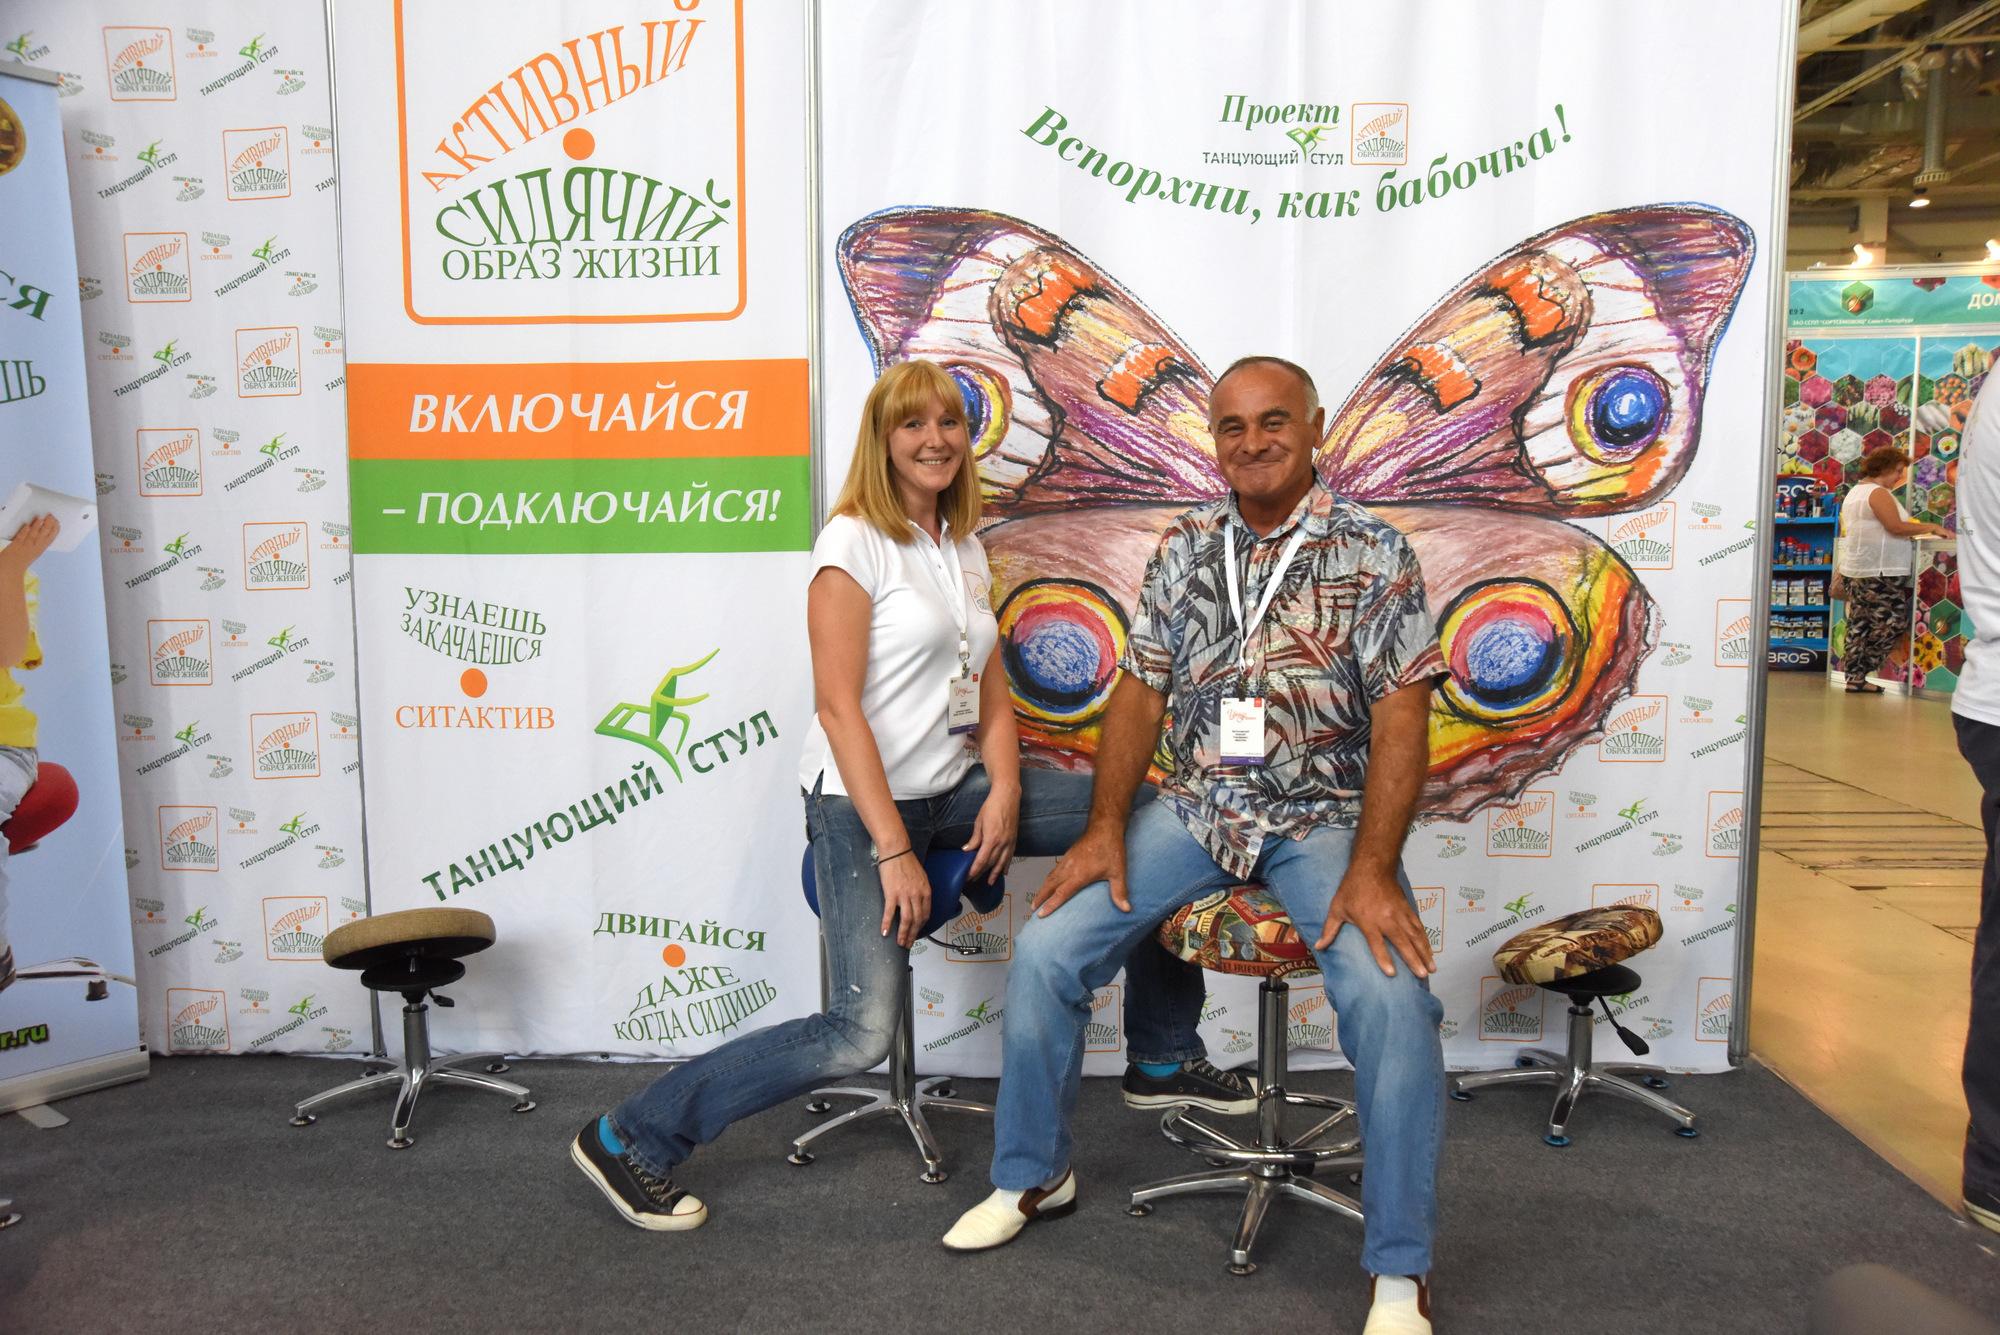 Пресс-релиз: Российский проект «Танцующий стул» удостоился 11 отечественных и международных премий в области качества и инноваций